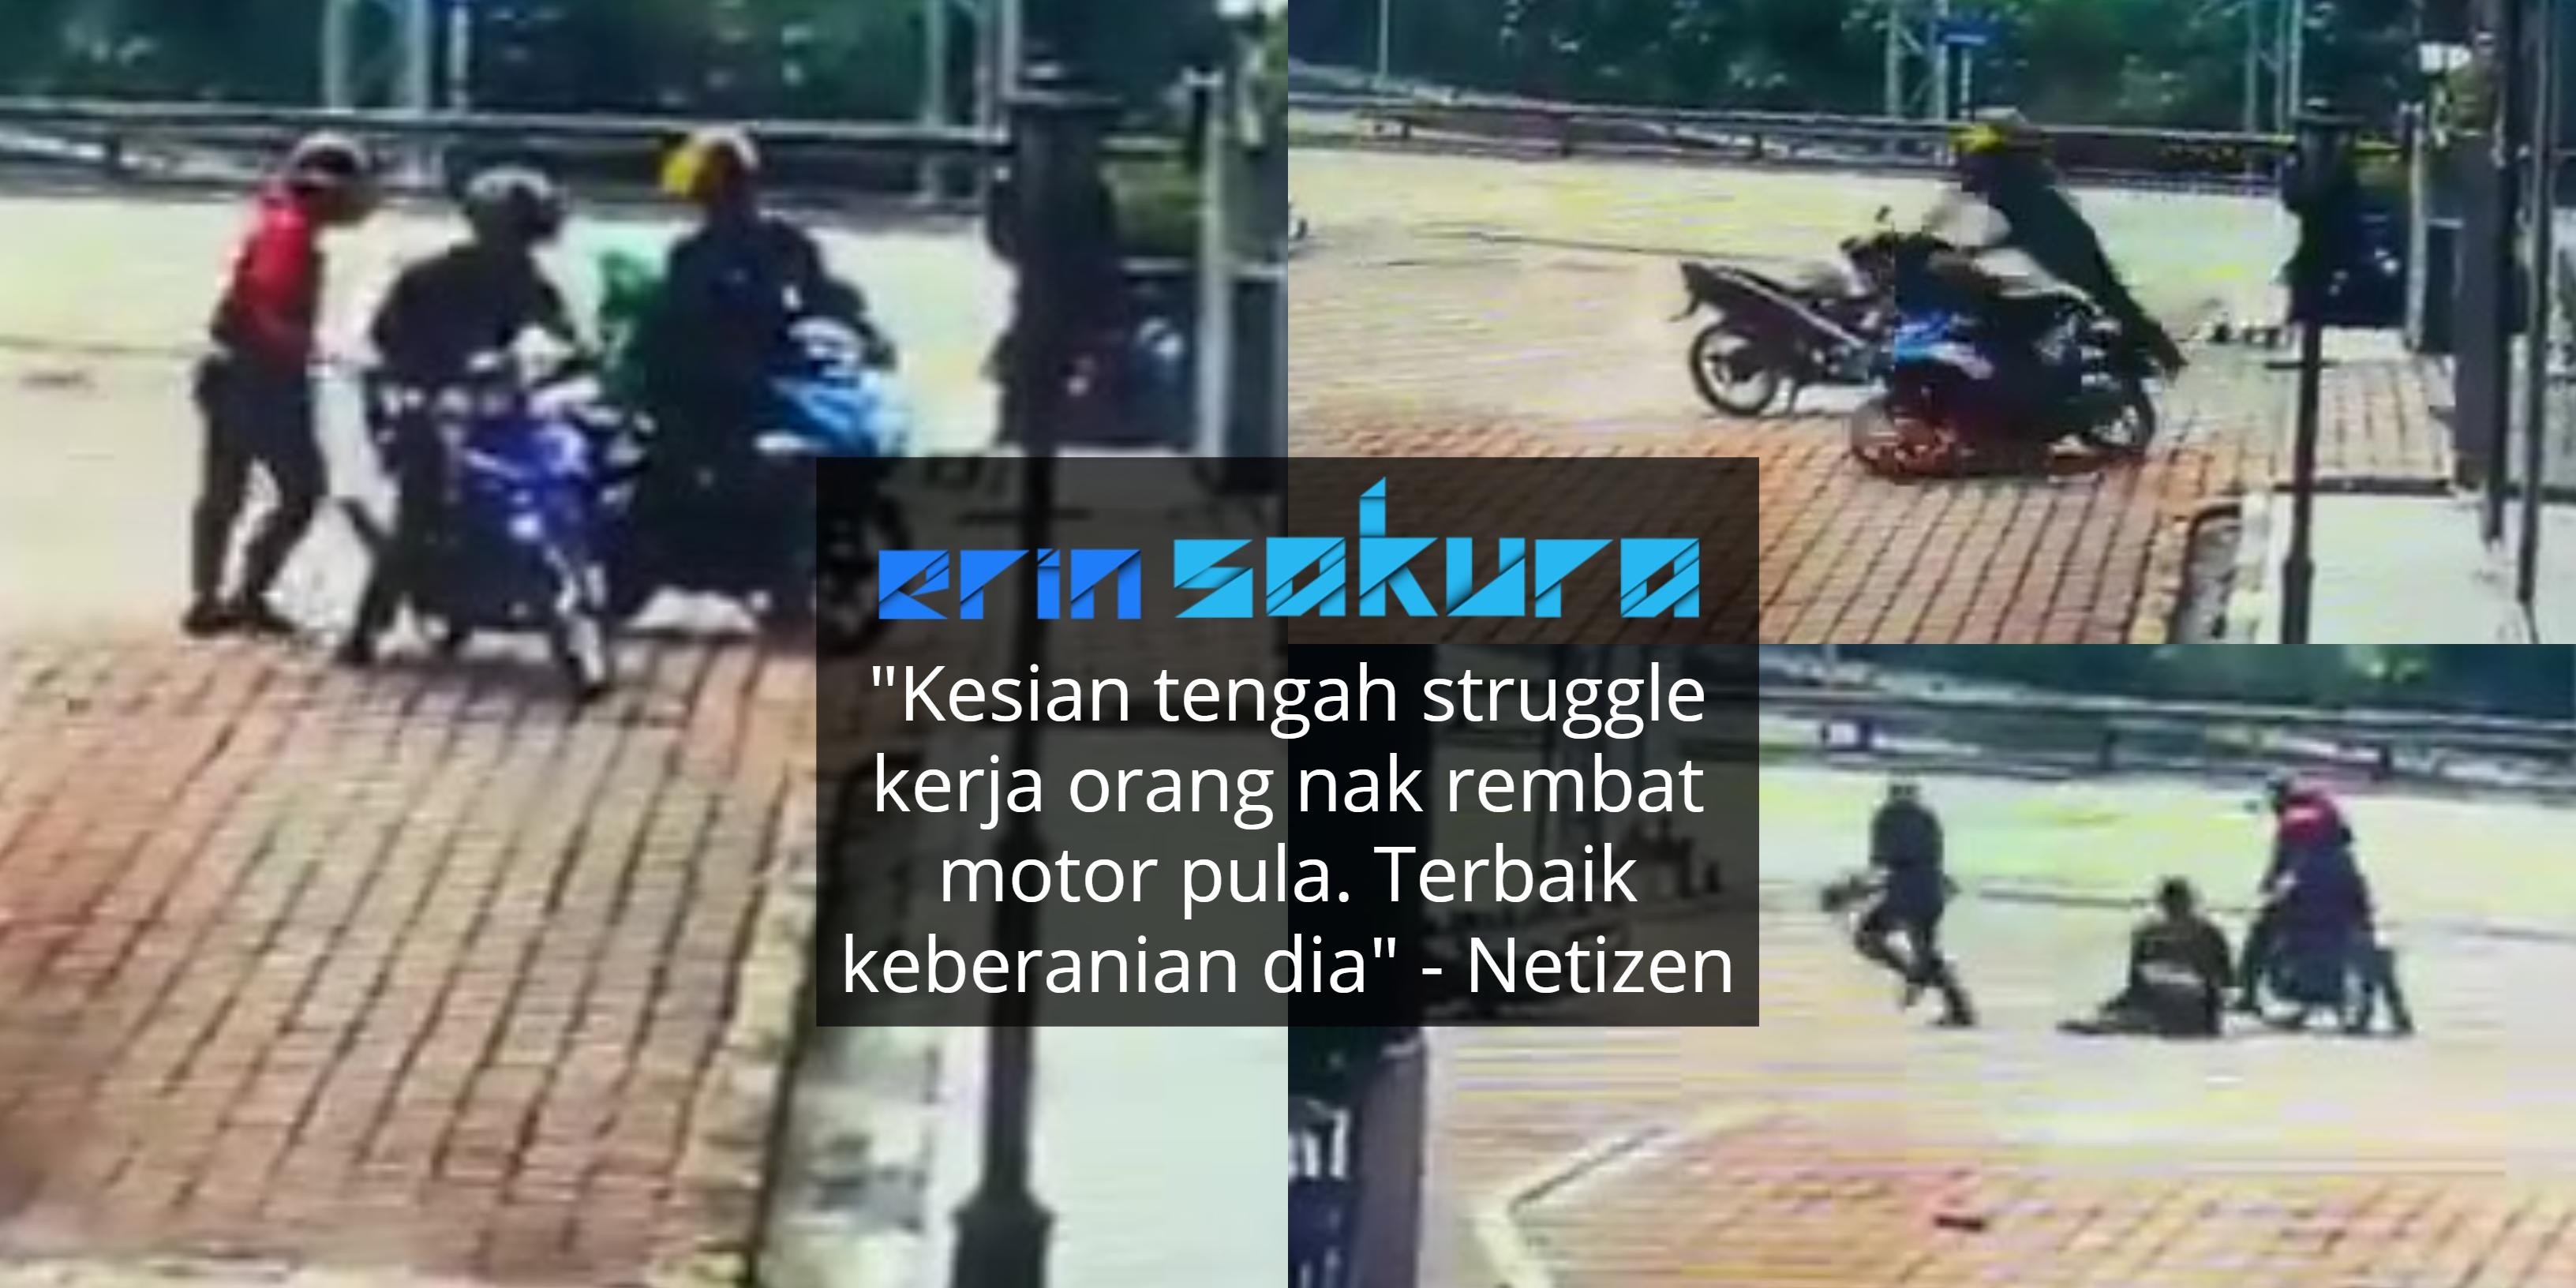 Rider Grab Food Nekad Selamatkan Motor, Penyamun Pula Tercicir Handphone!